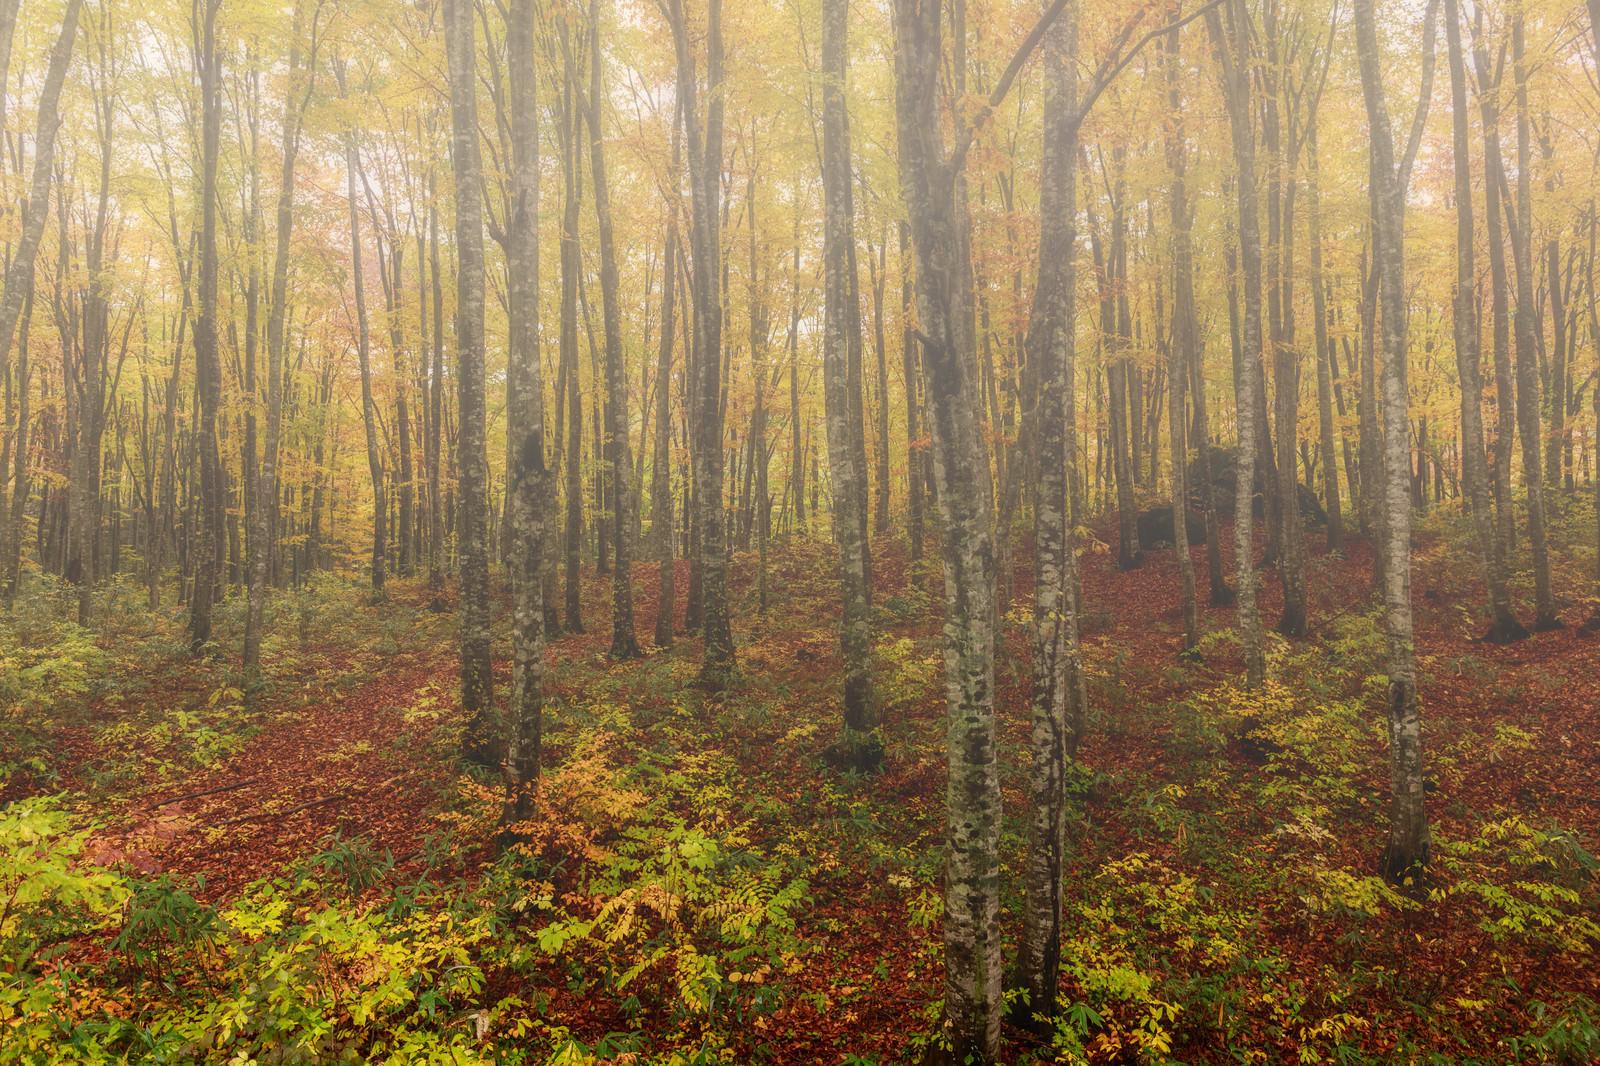 「落葉したブナ林落葉したブナ林」のフリー写真素材を拡大